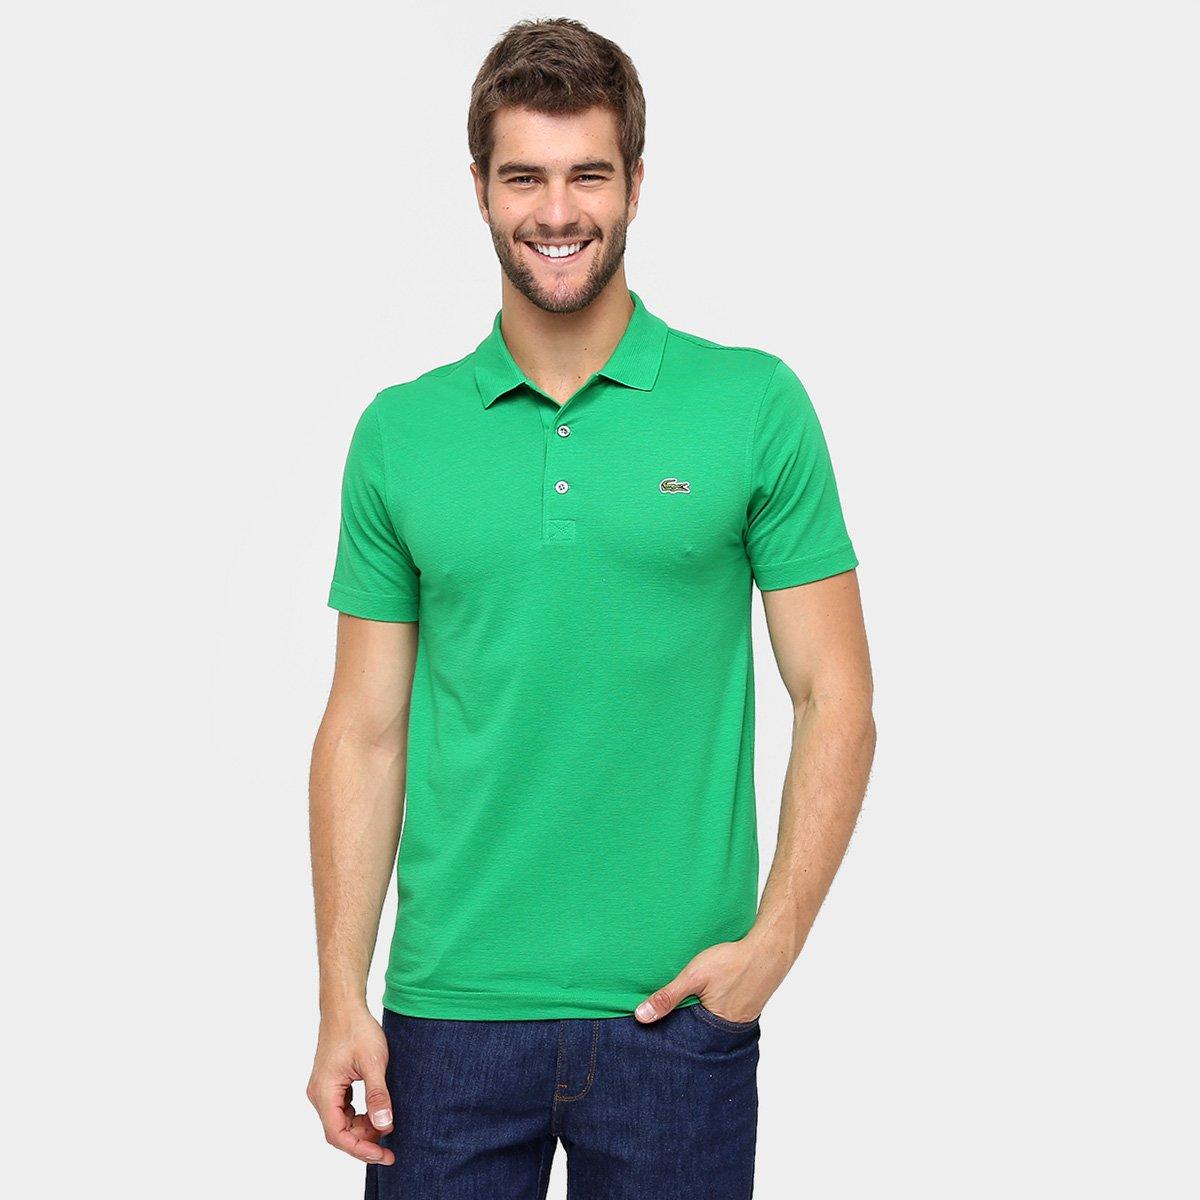 0d6ba5b8d0406 Camisa Polo Lacoste Super Light Masculina - Verde e Branco - Compre Agora